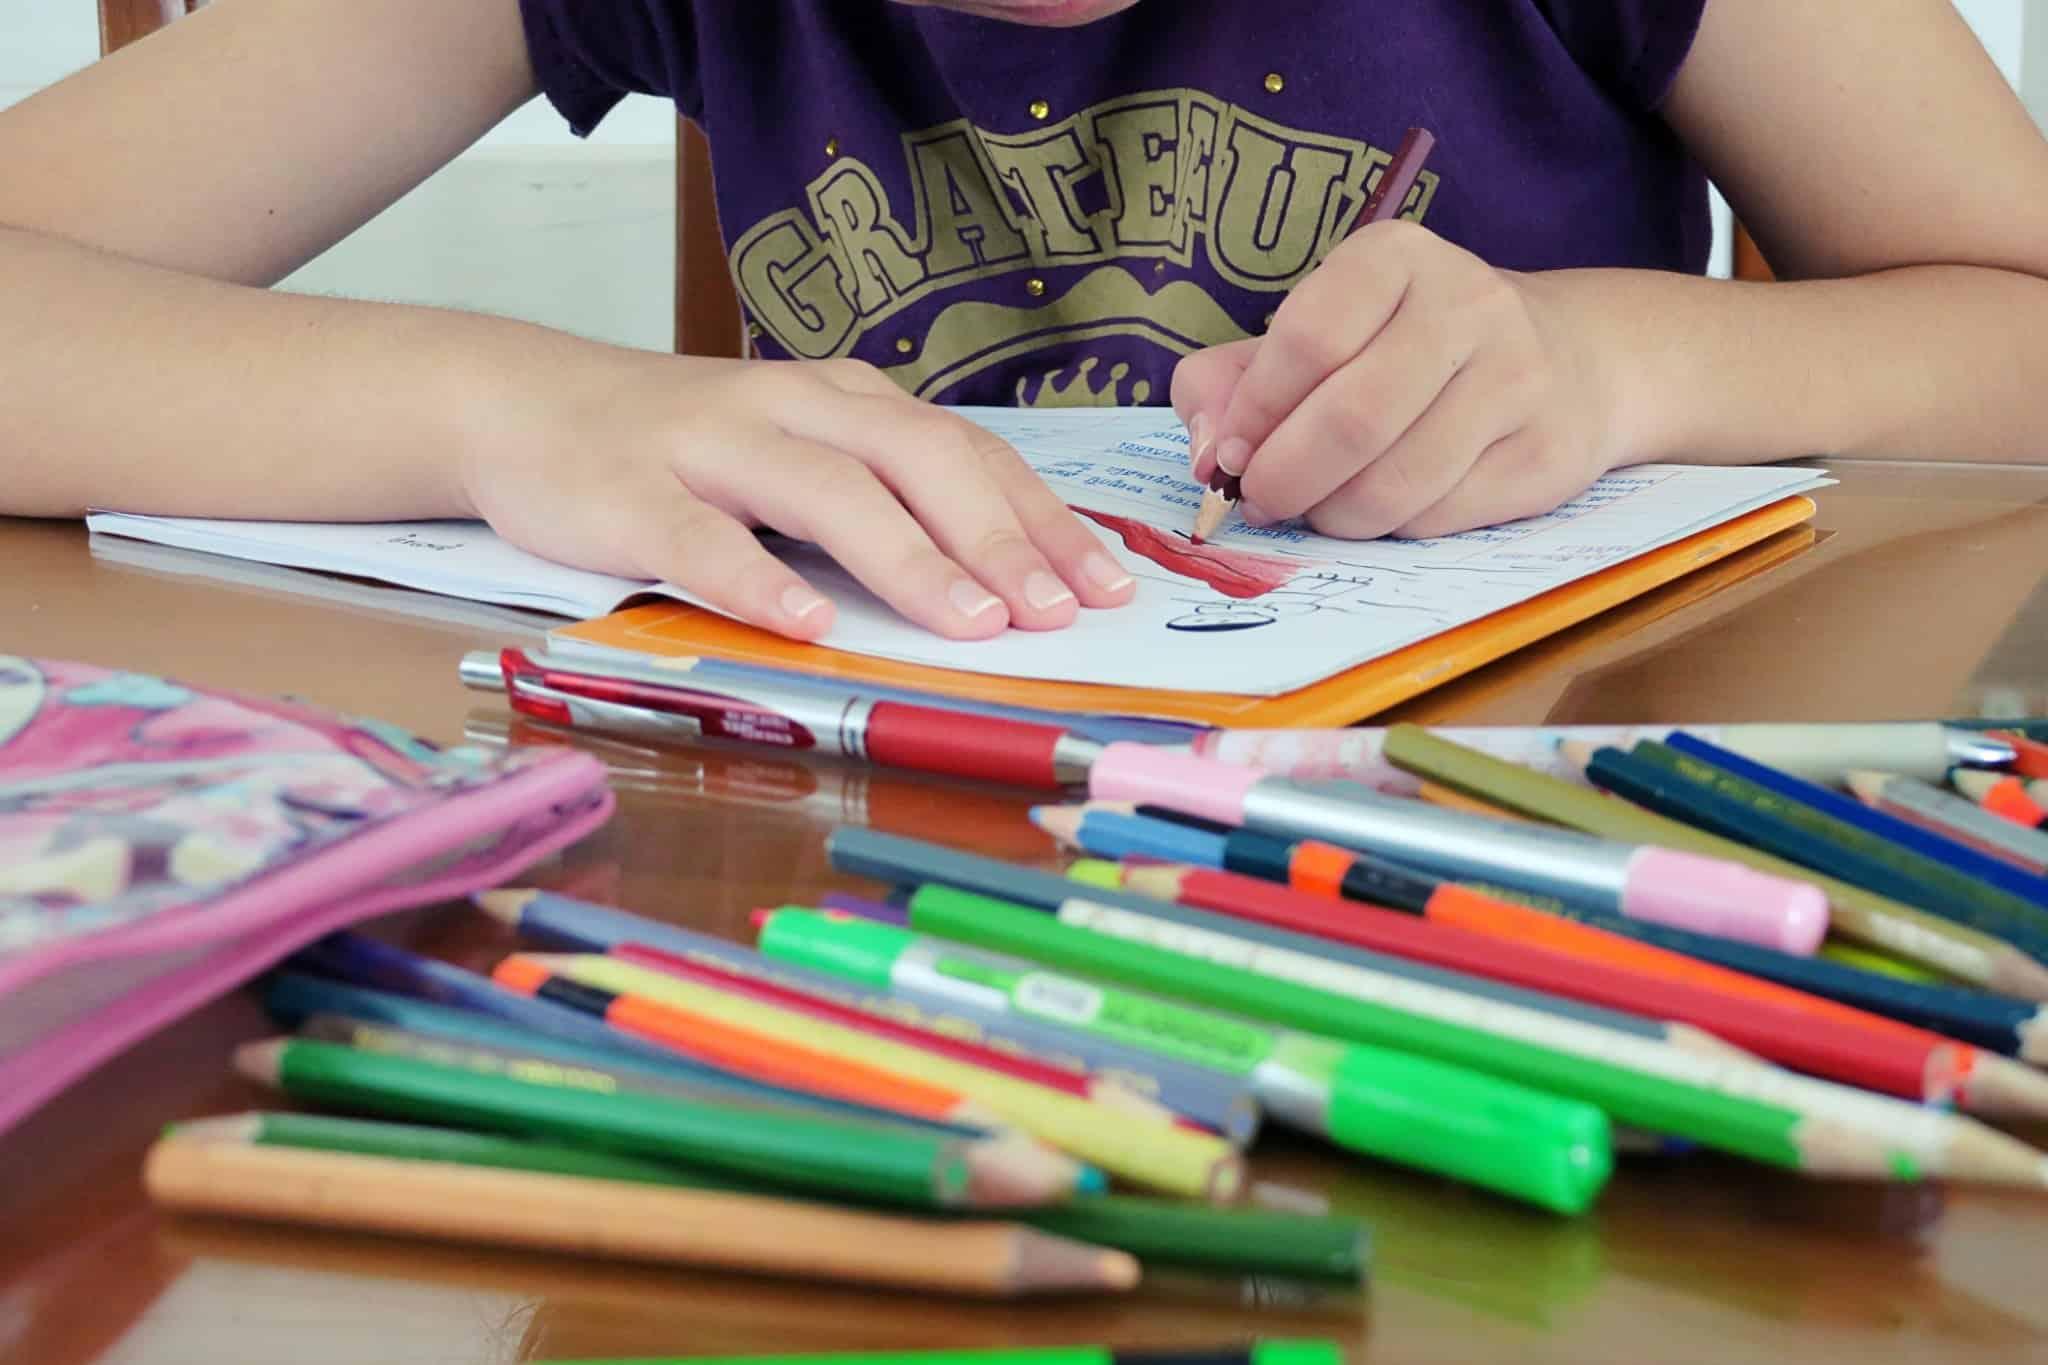 criança a pintar de vermelho num livro com vários lápis de cor em cima da mesa